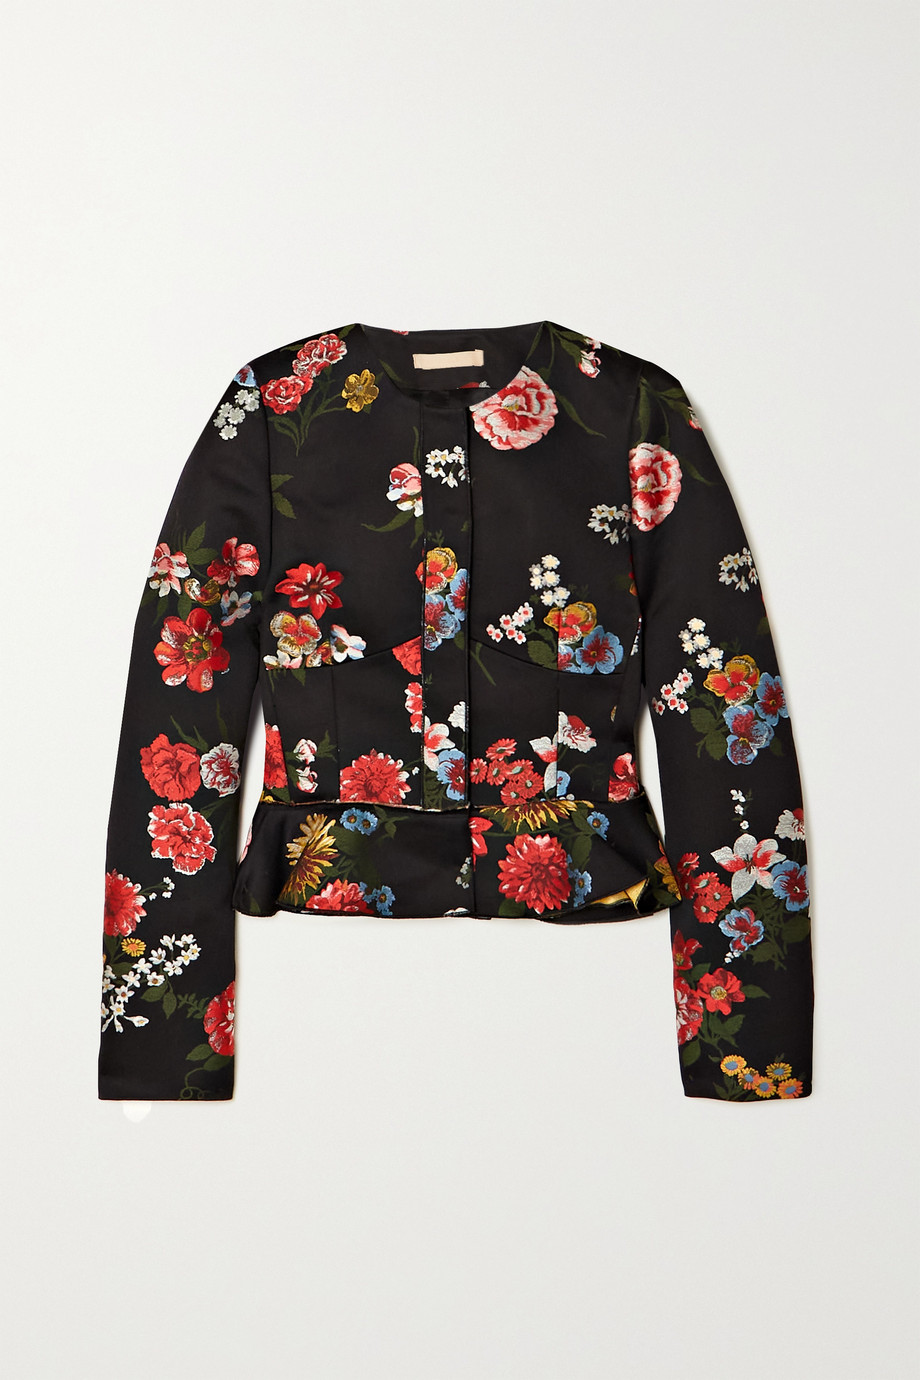 Brock Collection Talia Jacke aus Jacquard aus einer Baumwollmischung mit Blumenmuster